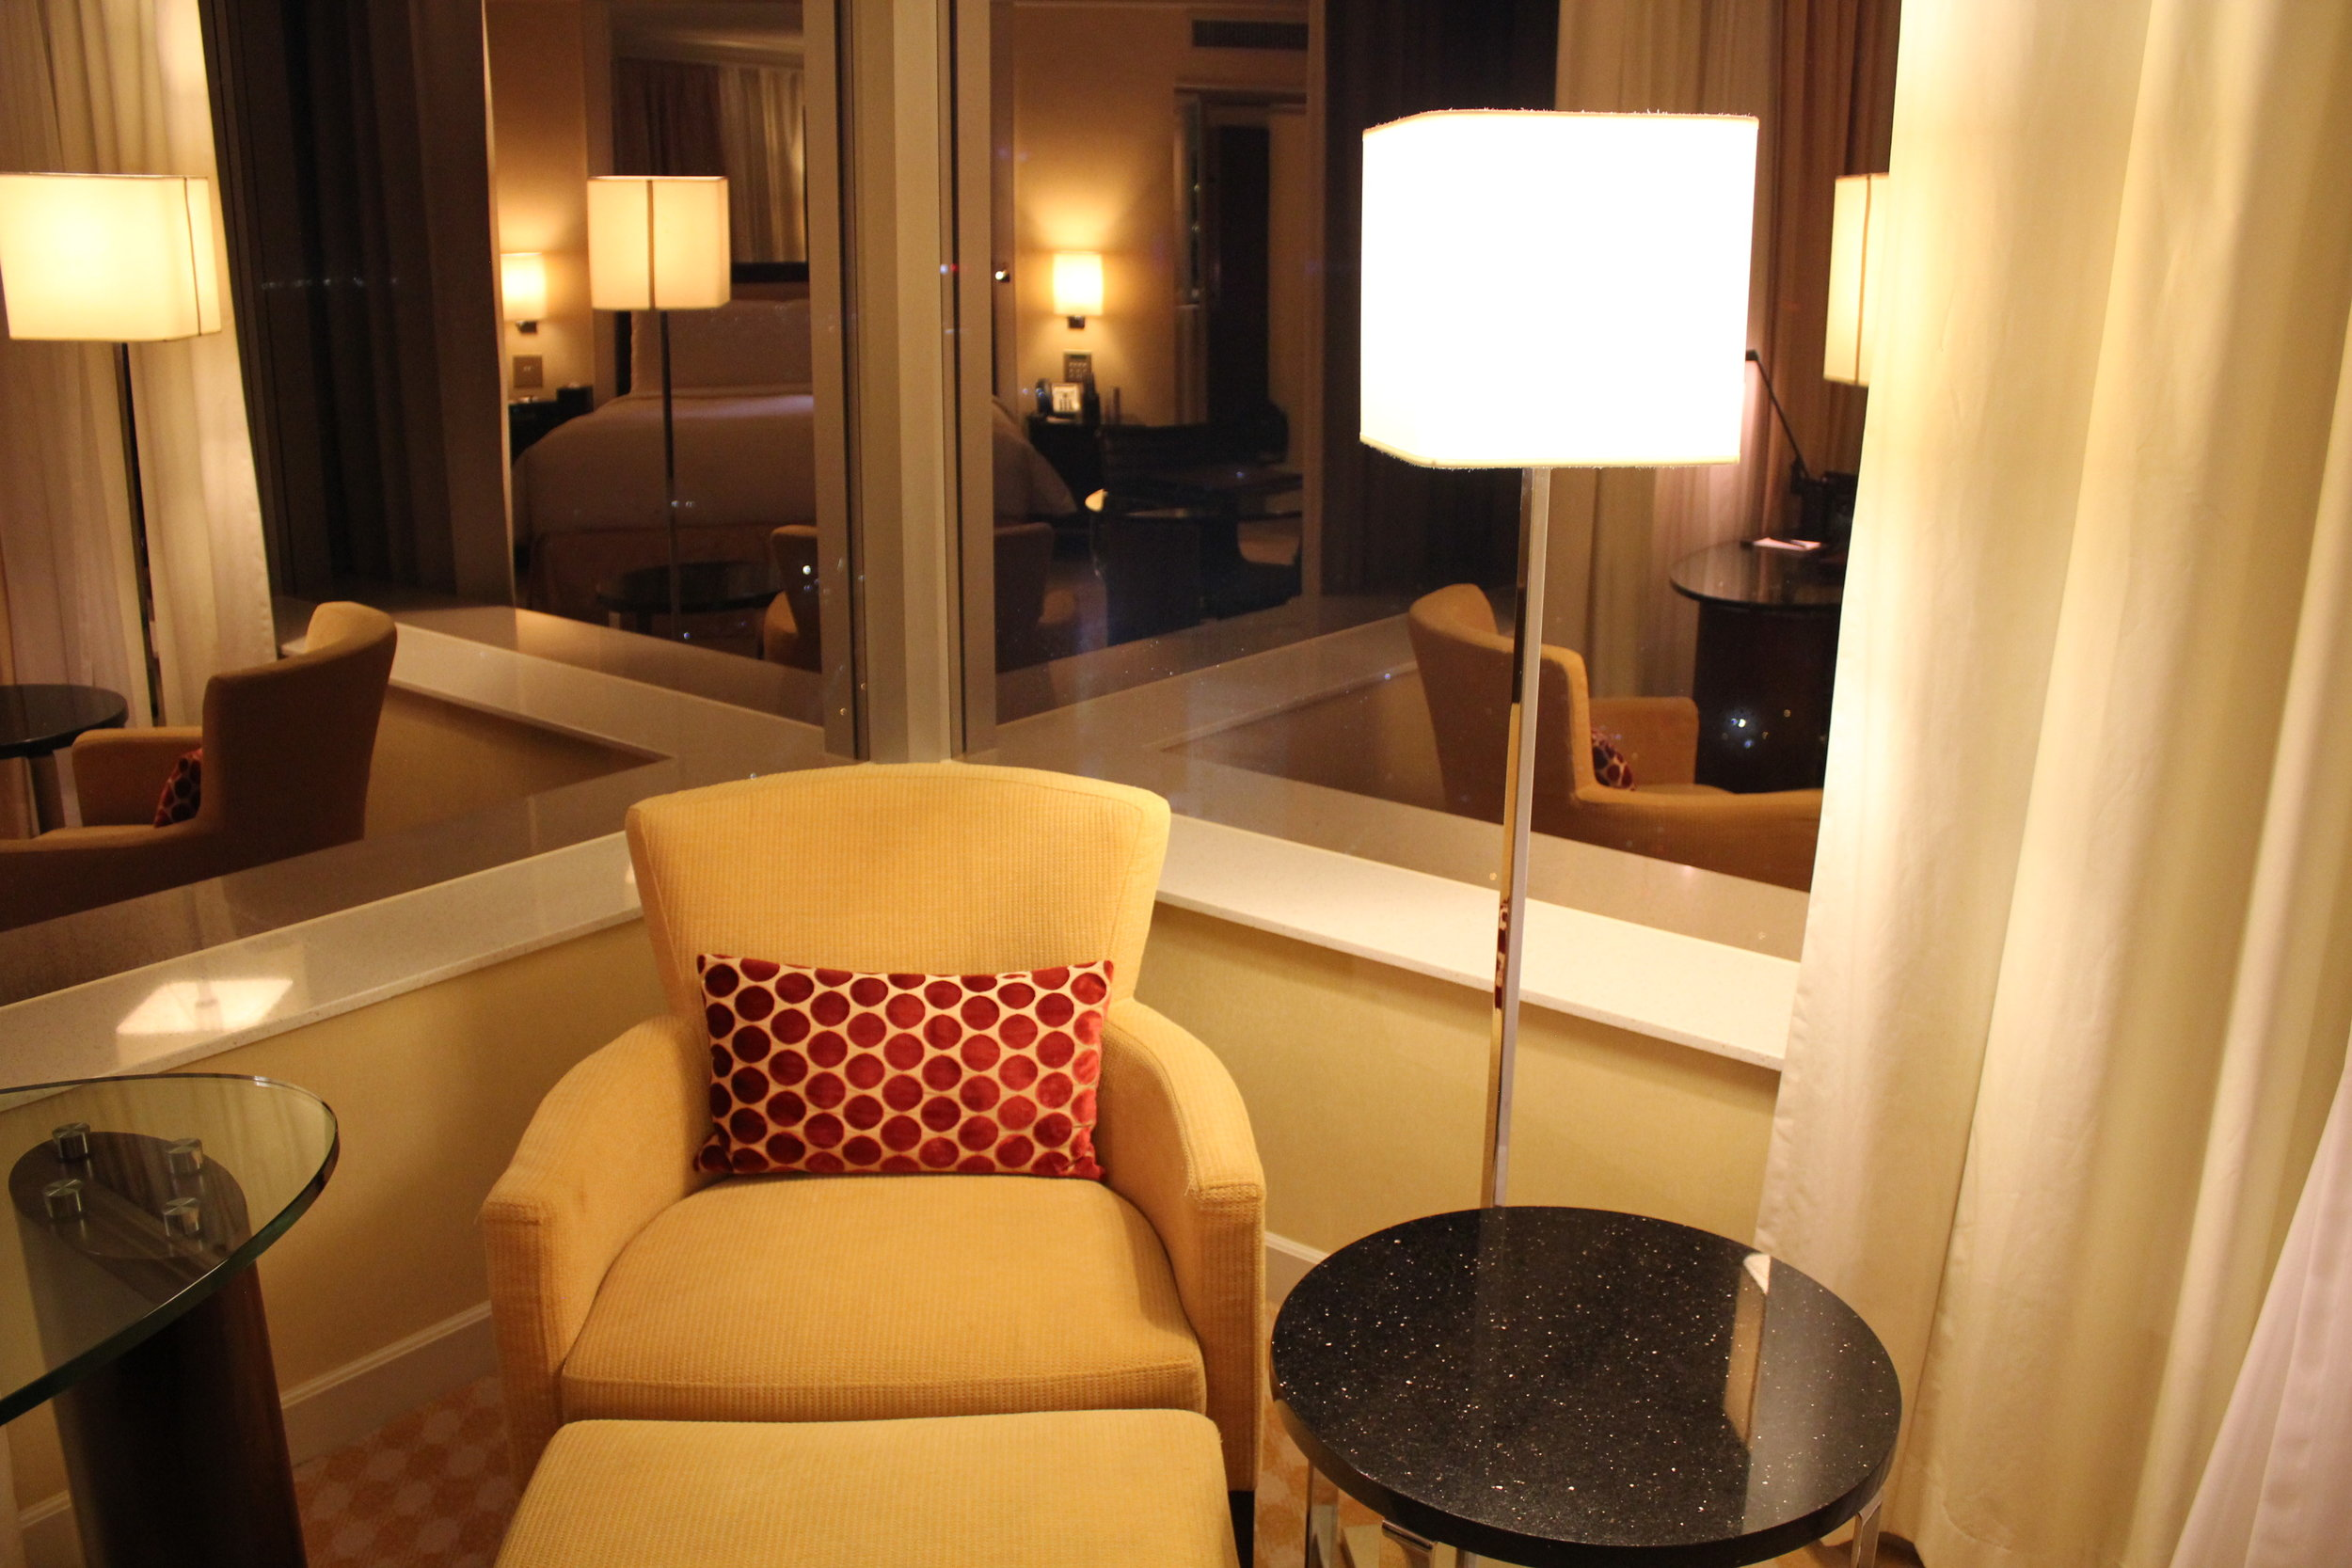 JW Marriott Hong Kong – Lounge chair